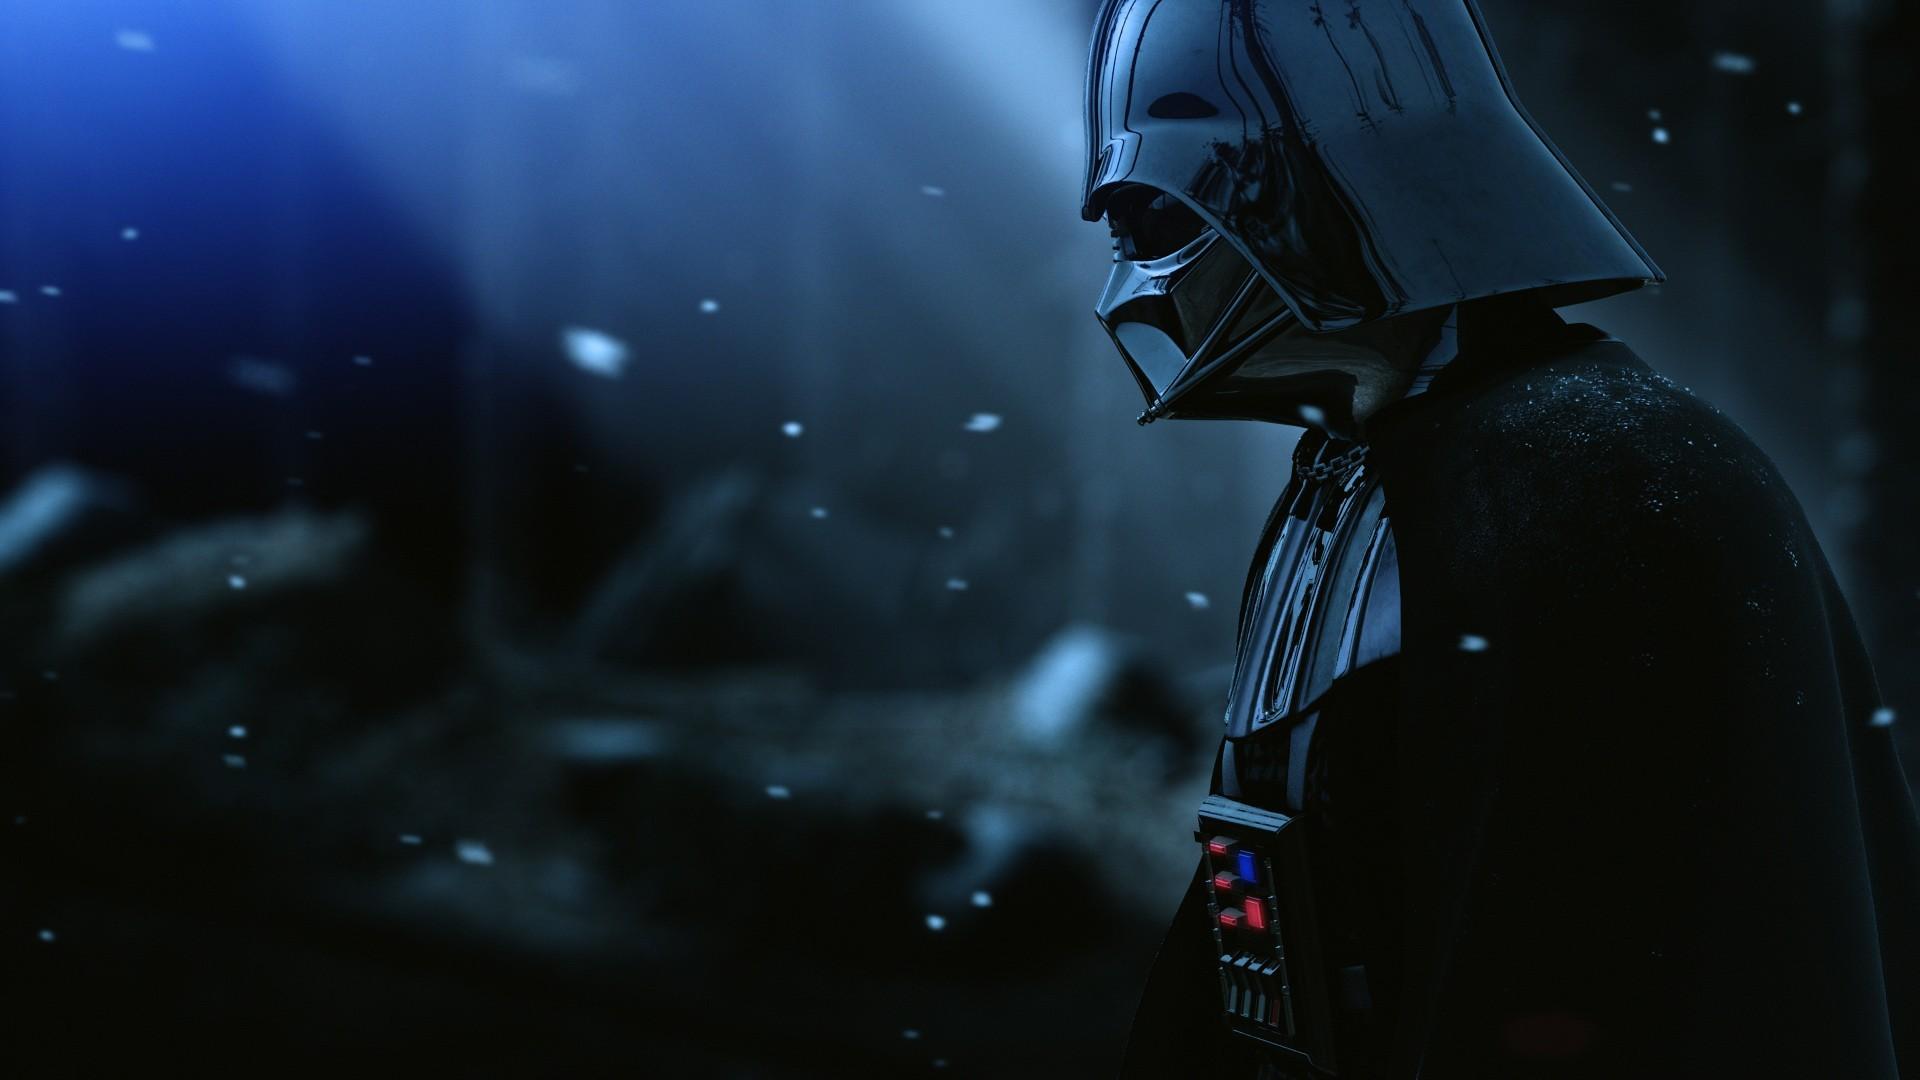 Star Wars Full HD Wallpaper hd background hd screensavers hd wallpaper 1920x1080